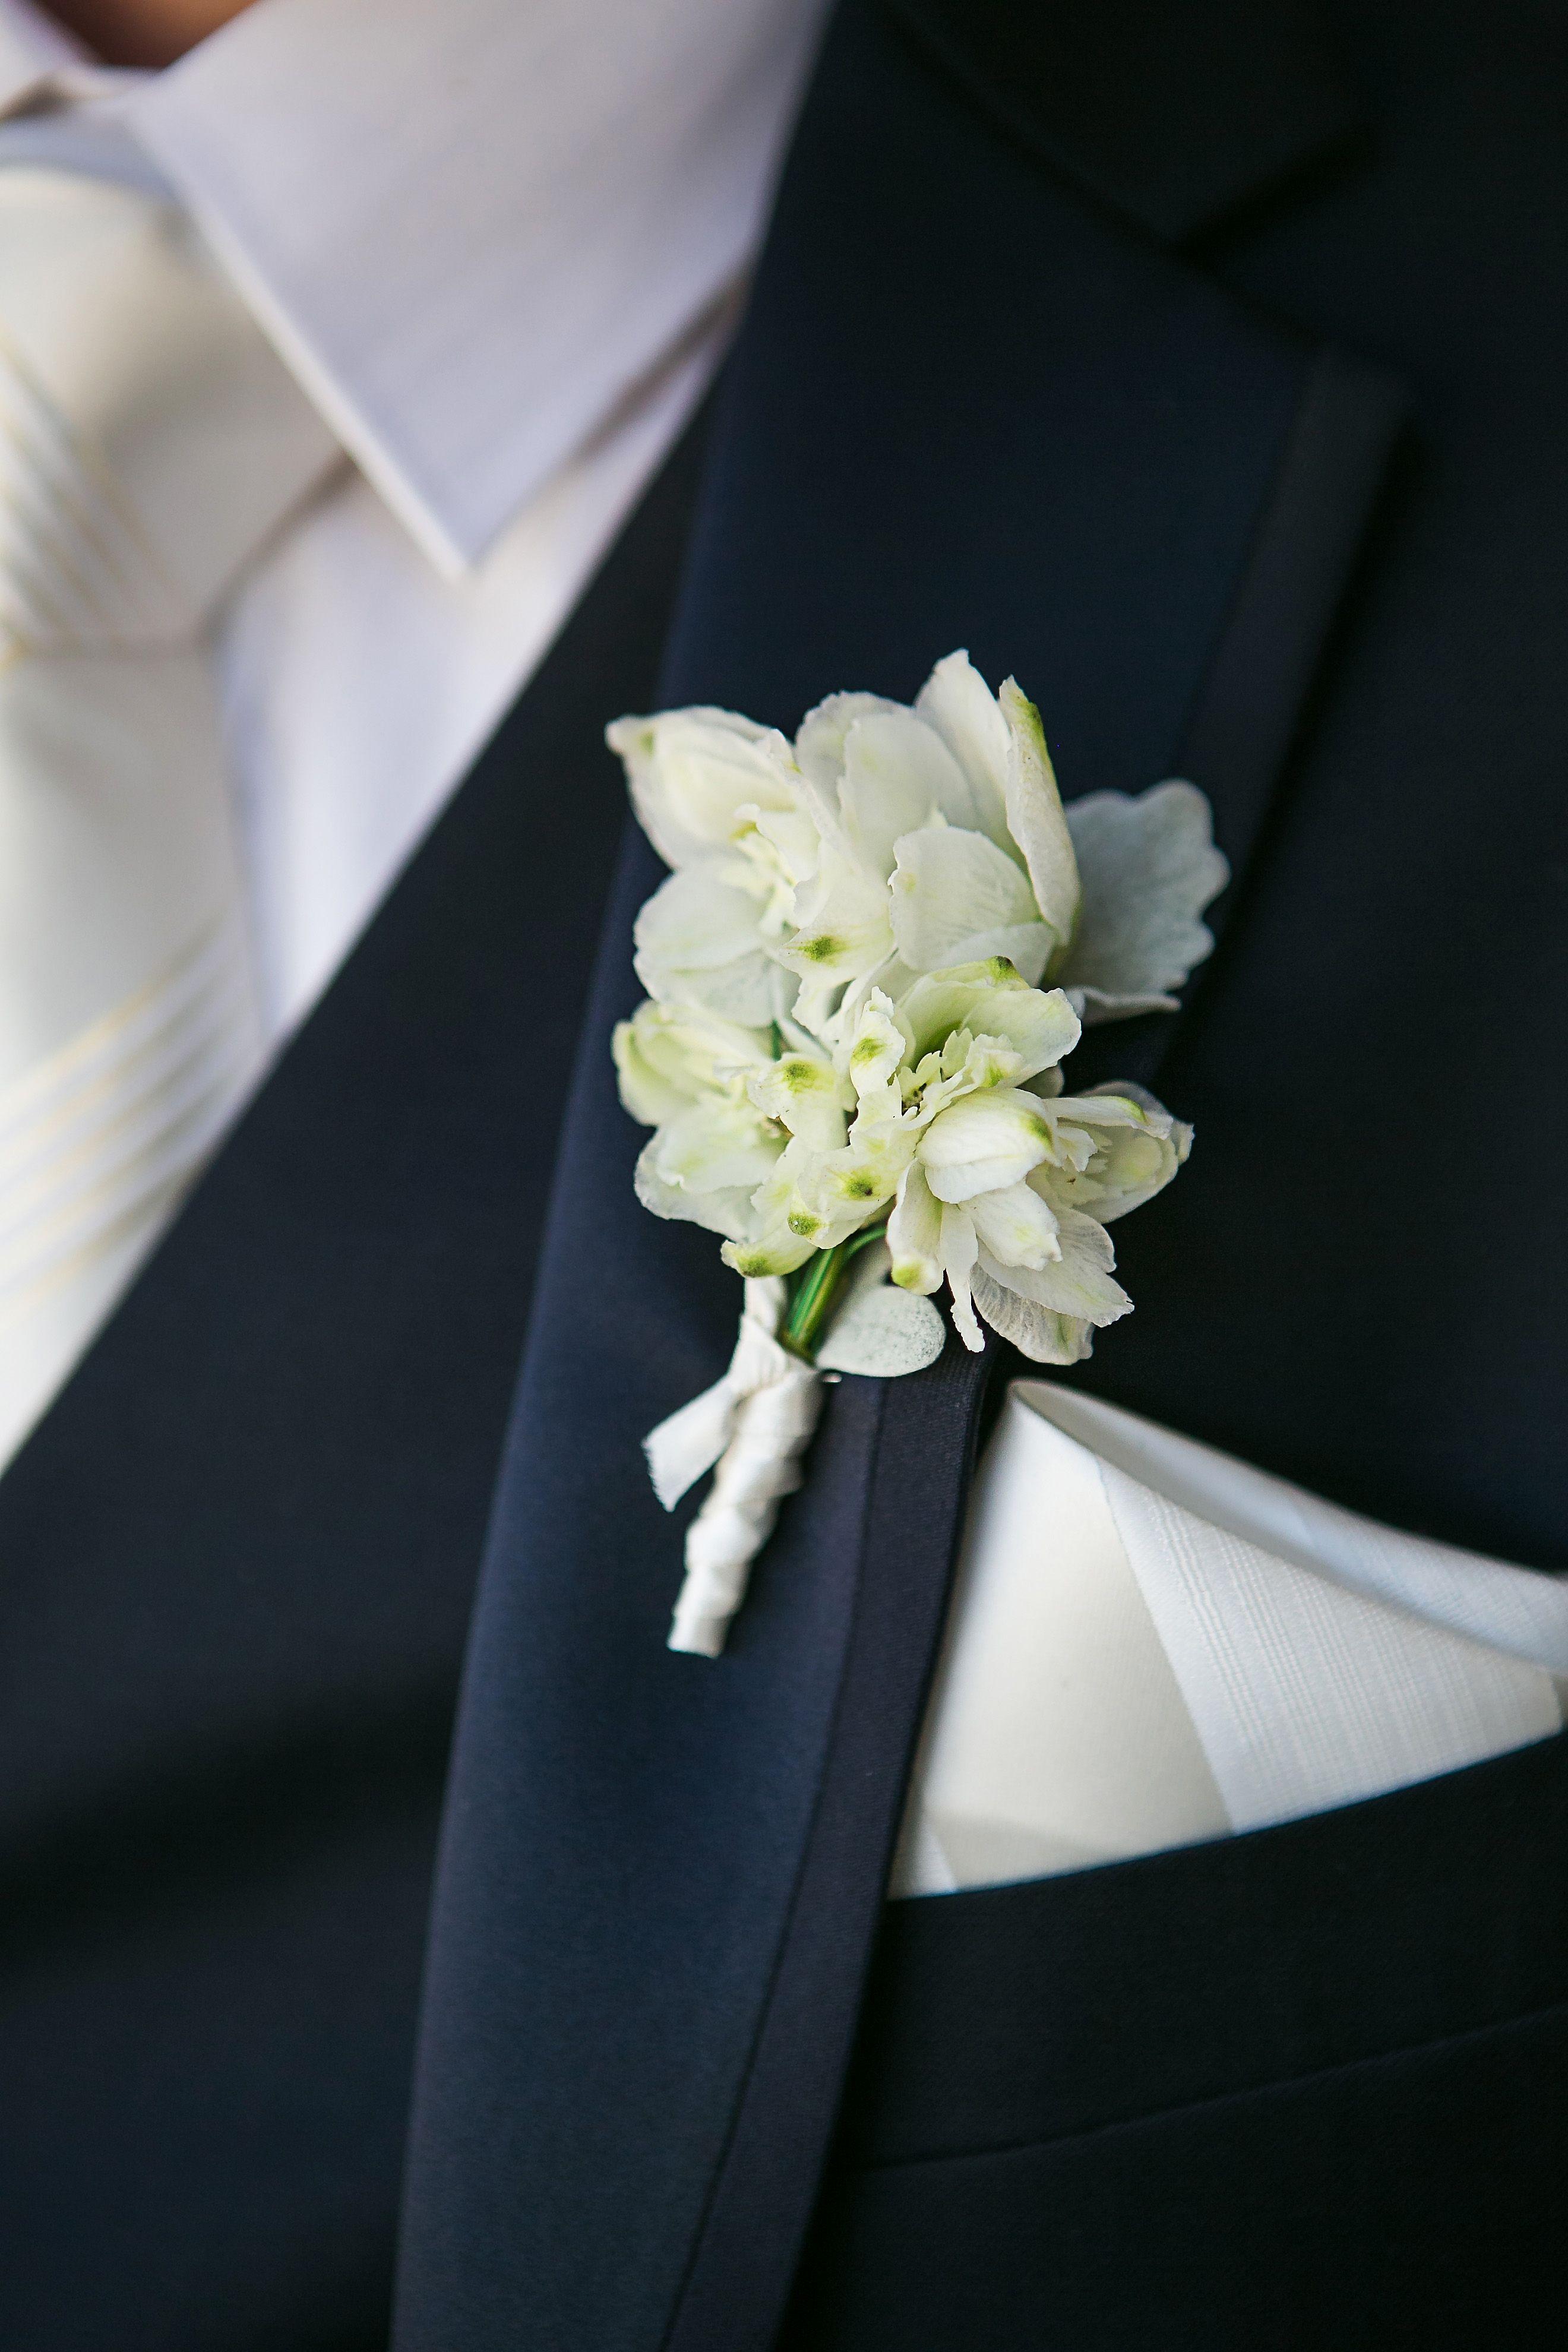 Real Wedding White Buttonholes Boutonniere Vintage Melbourne Bride